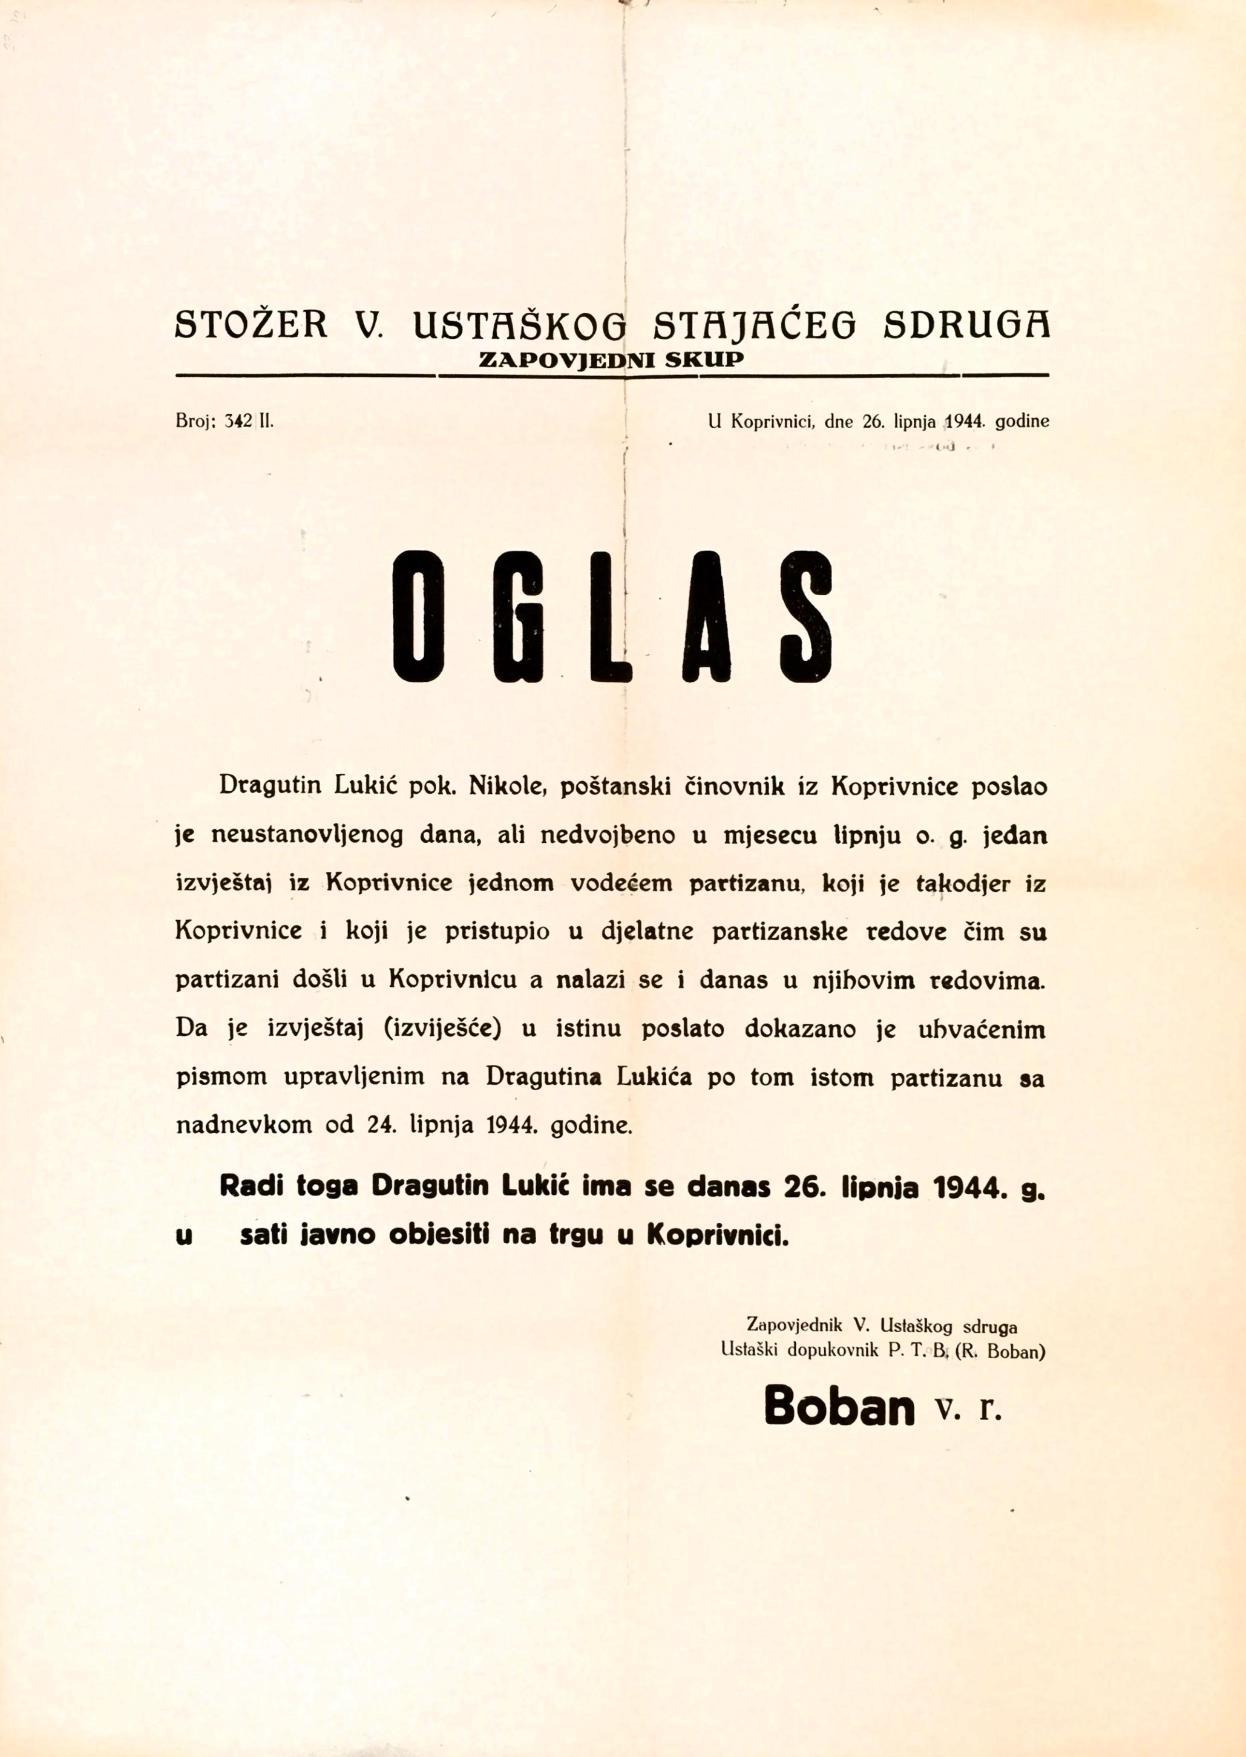 Oglas kojim se obznanjuje vješanje Dragutina Lukića radi suradnje s partizanima, Koprivnica, 26. lipnja 1944. godine (Izvor: HR-HDA-907- Zbirka stampata, 23/92)